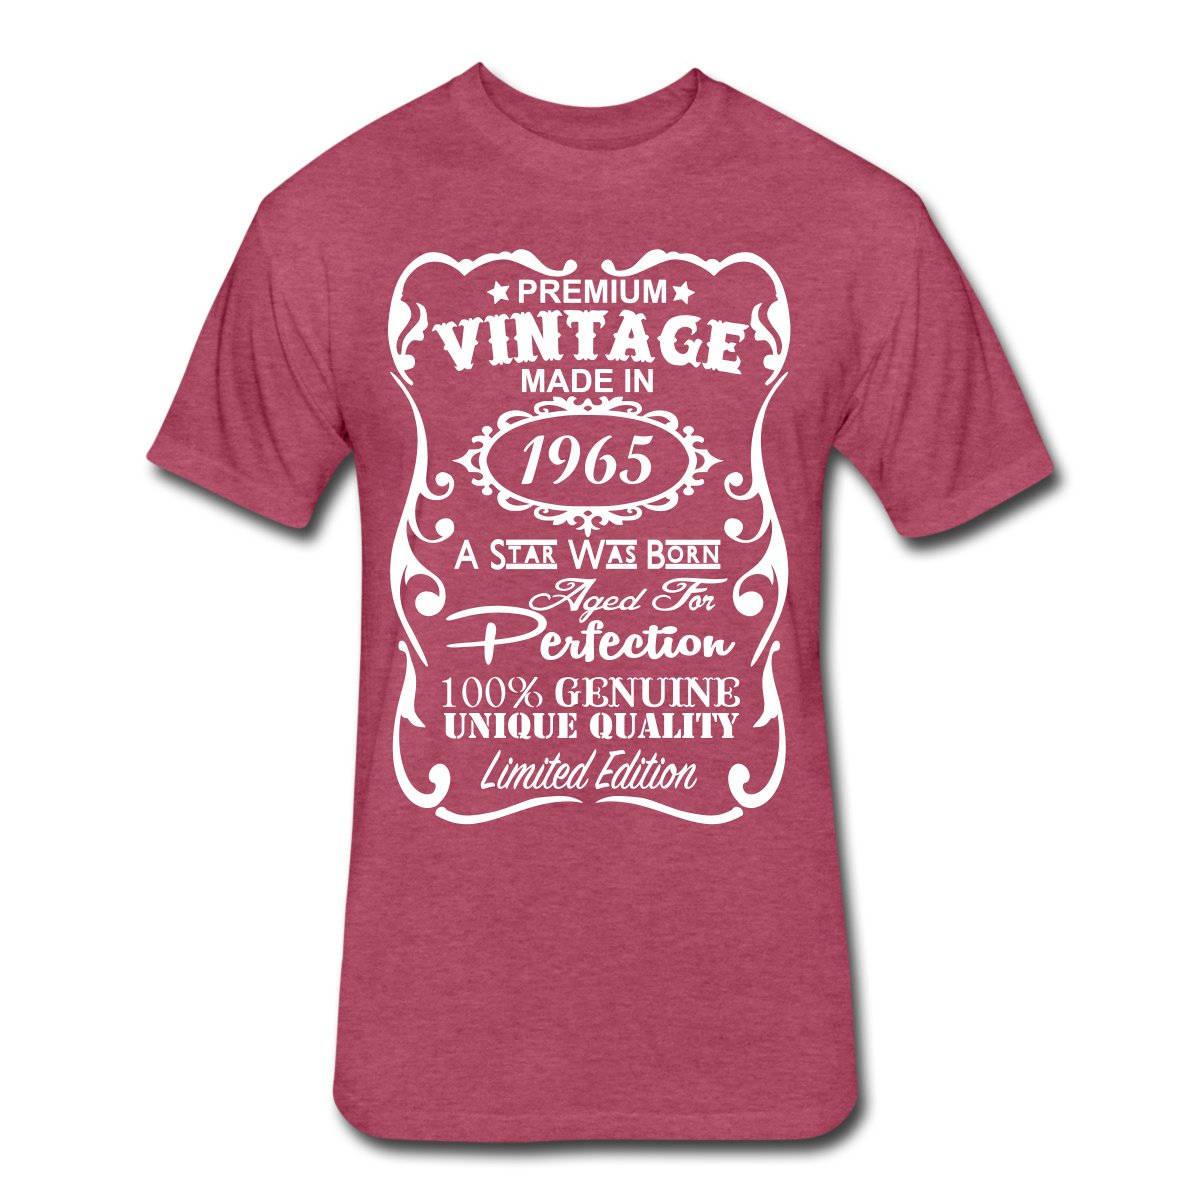 VELOUTÉ 53e anniversaire chemise drôle cadeau 53e anniversaire cadeau drôle idées  cadeau Unique pour lui Bday. Cette qualité t-shirt ... 47edf9a1654